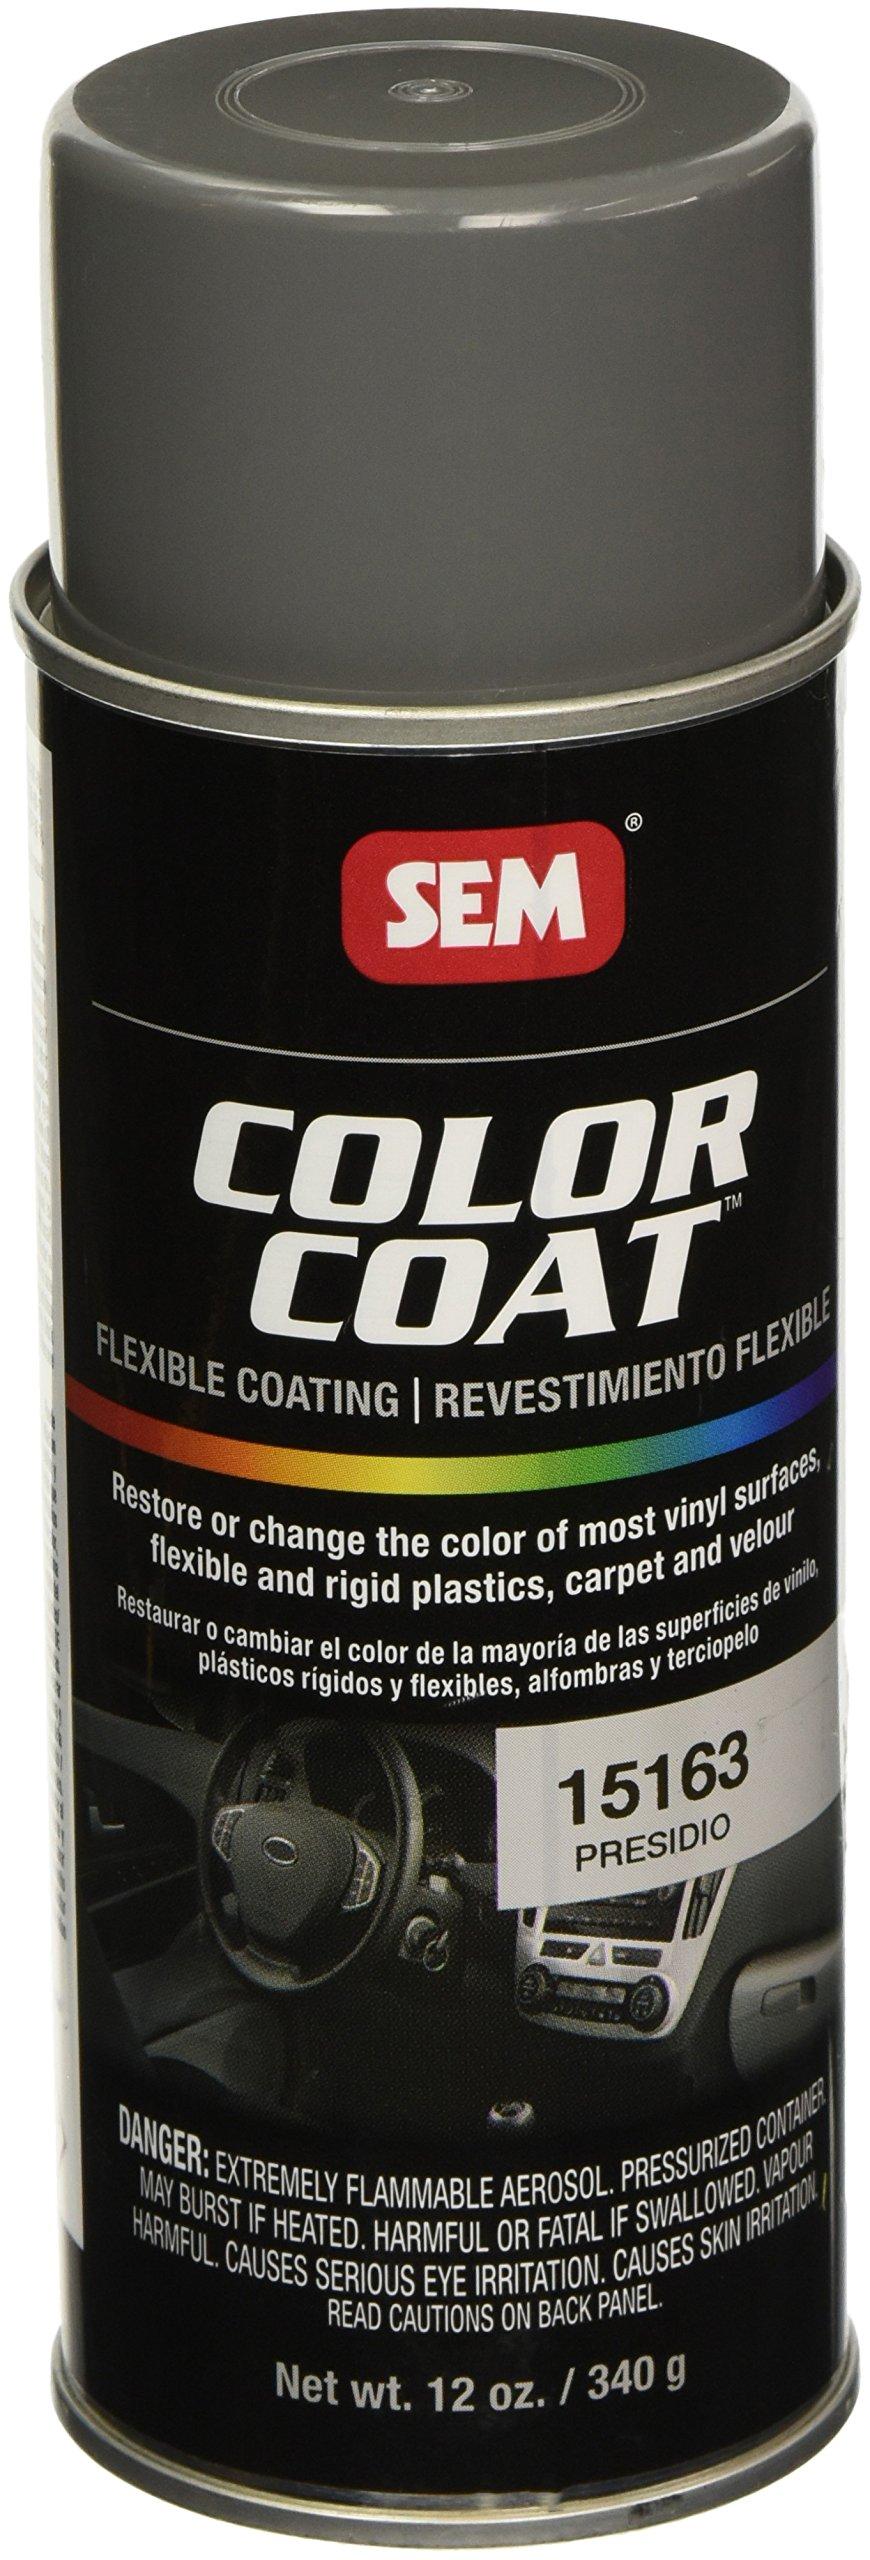 SEM Products 15163 Presidio Color Coat - 12 oz.